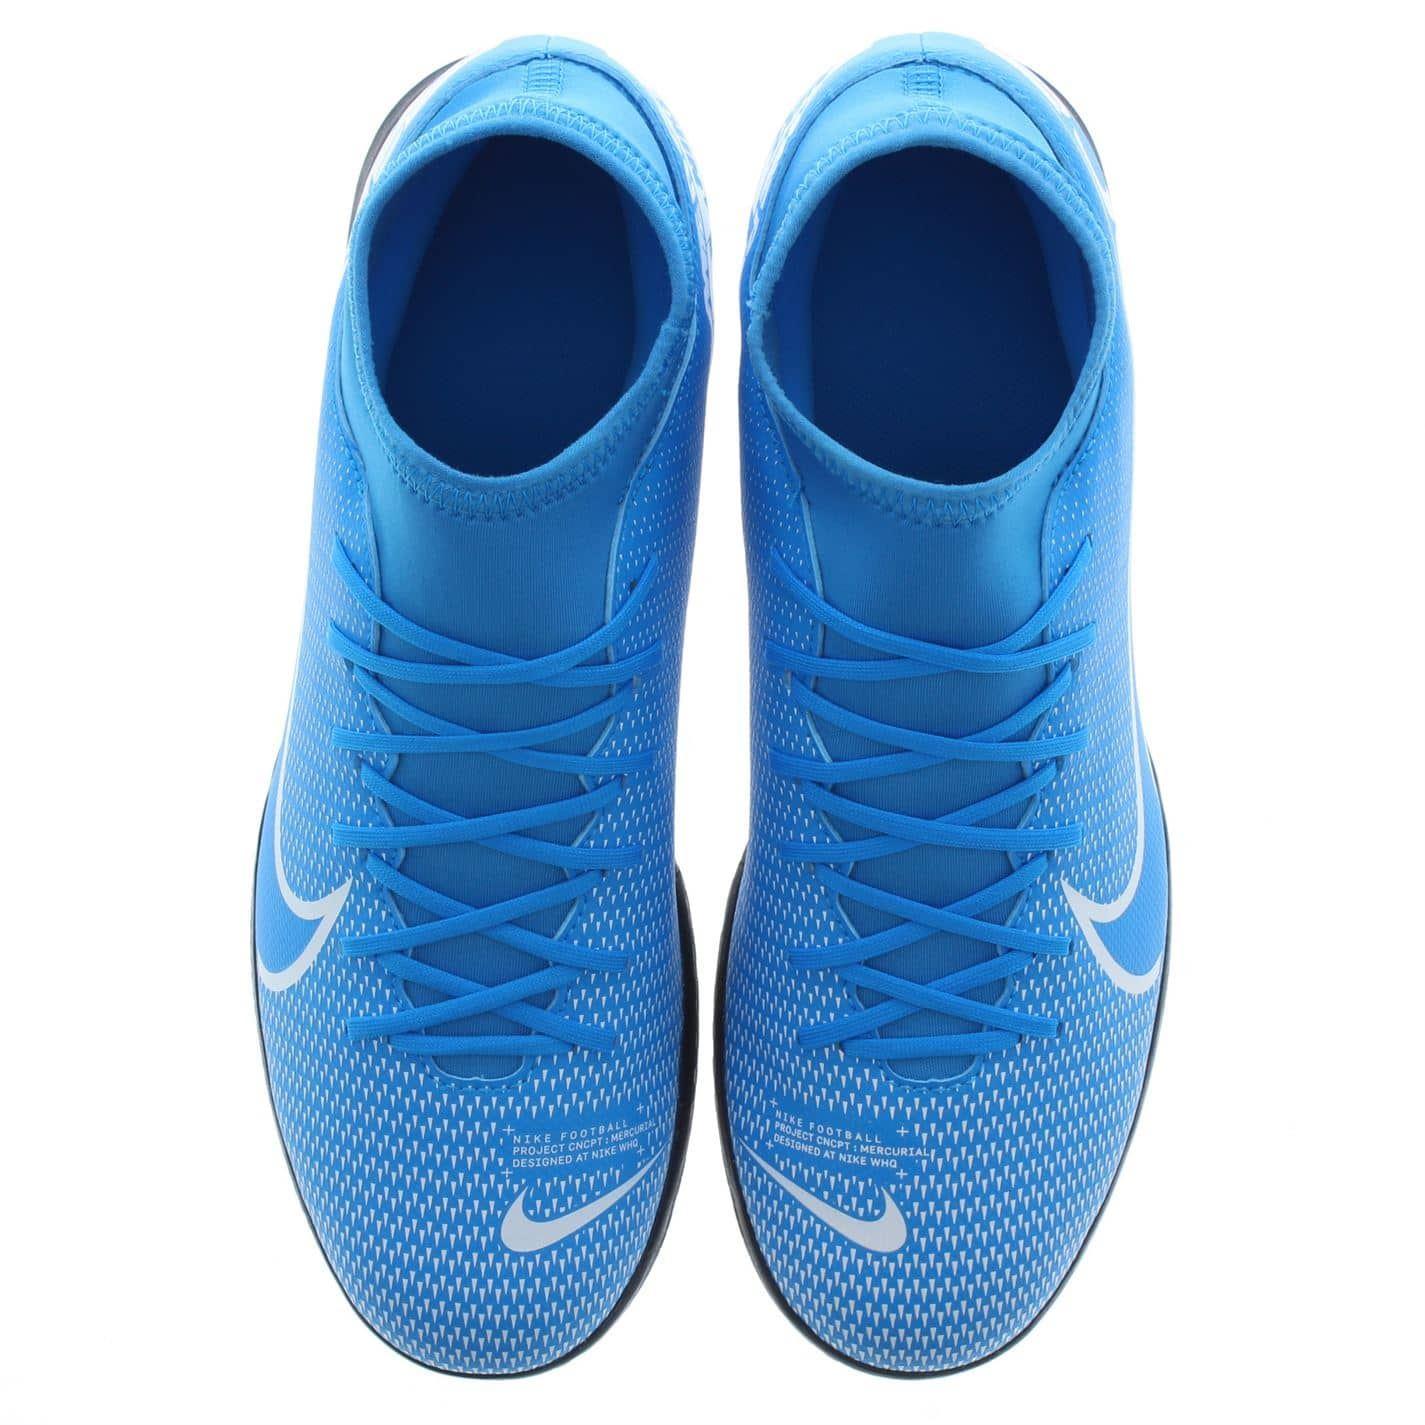 Détails sur Nike Mercurial Superfly Club Df Intérieur Football Bottes Hommes BleuBlanc